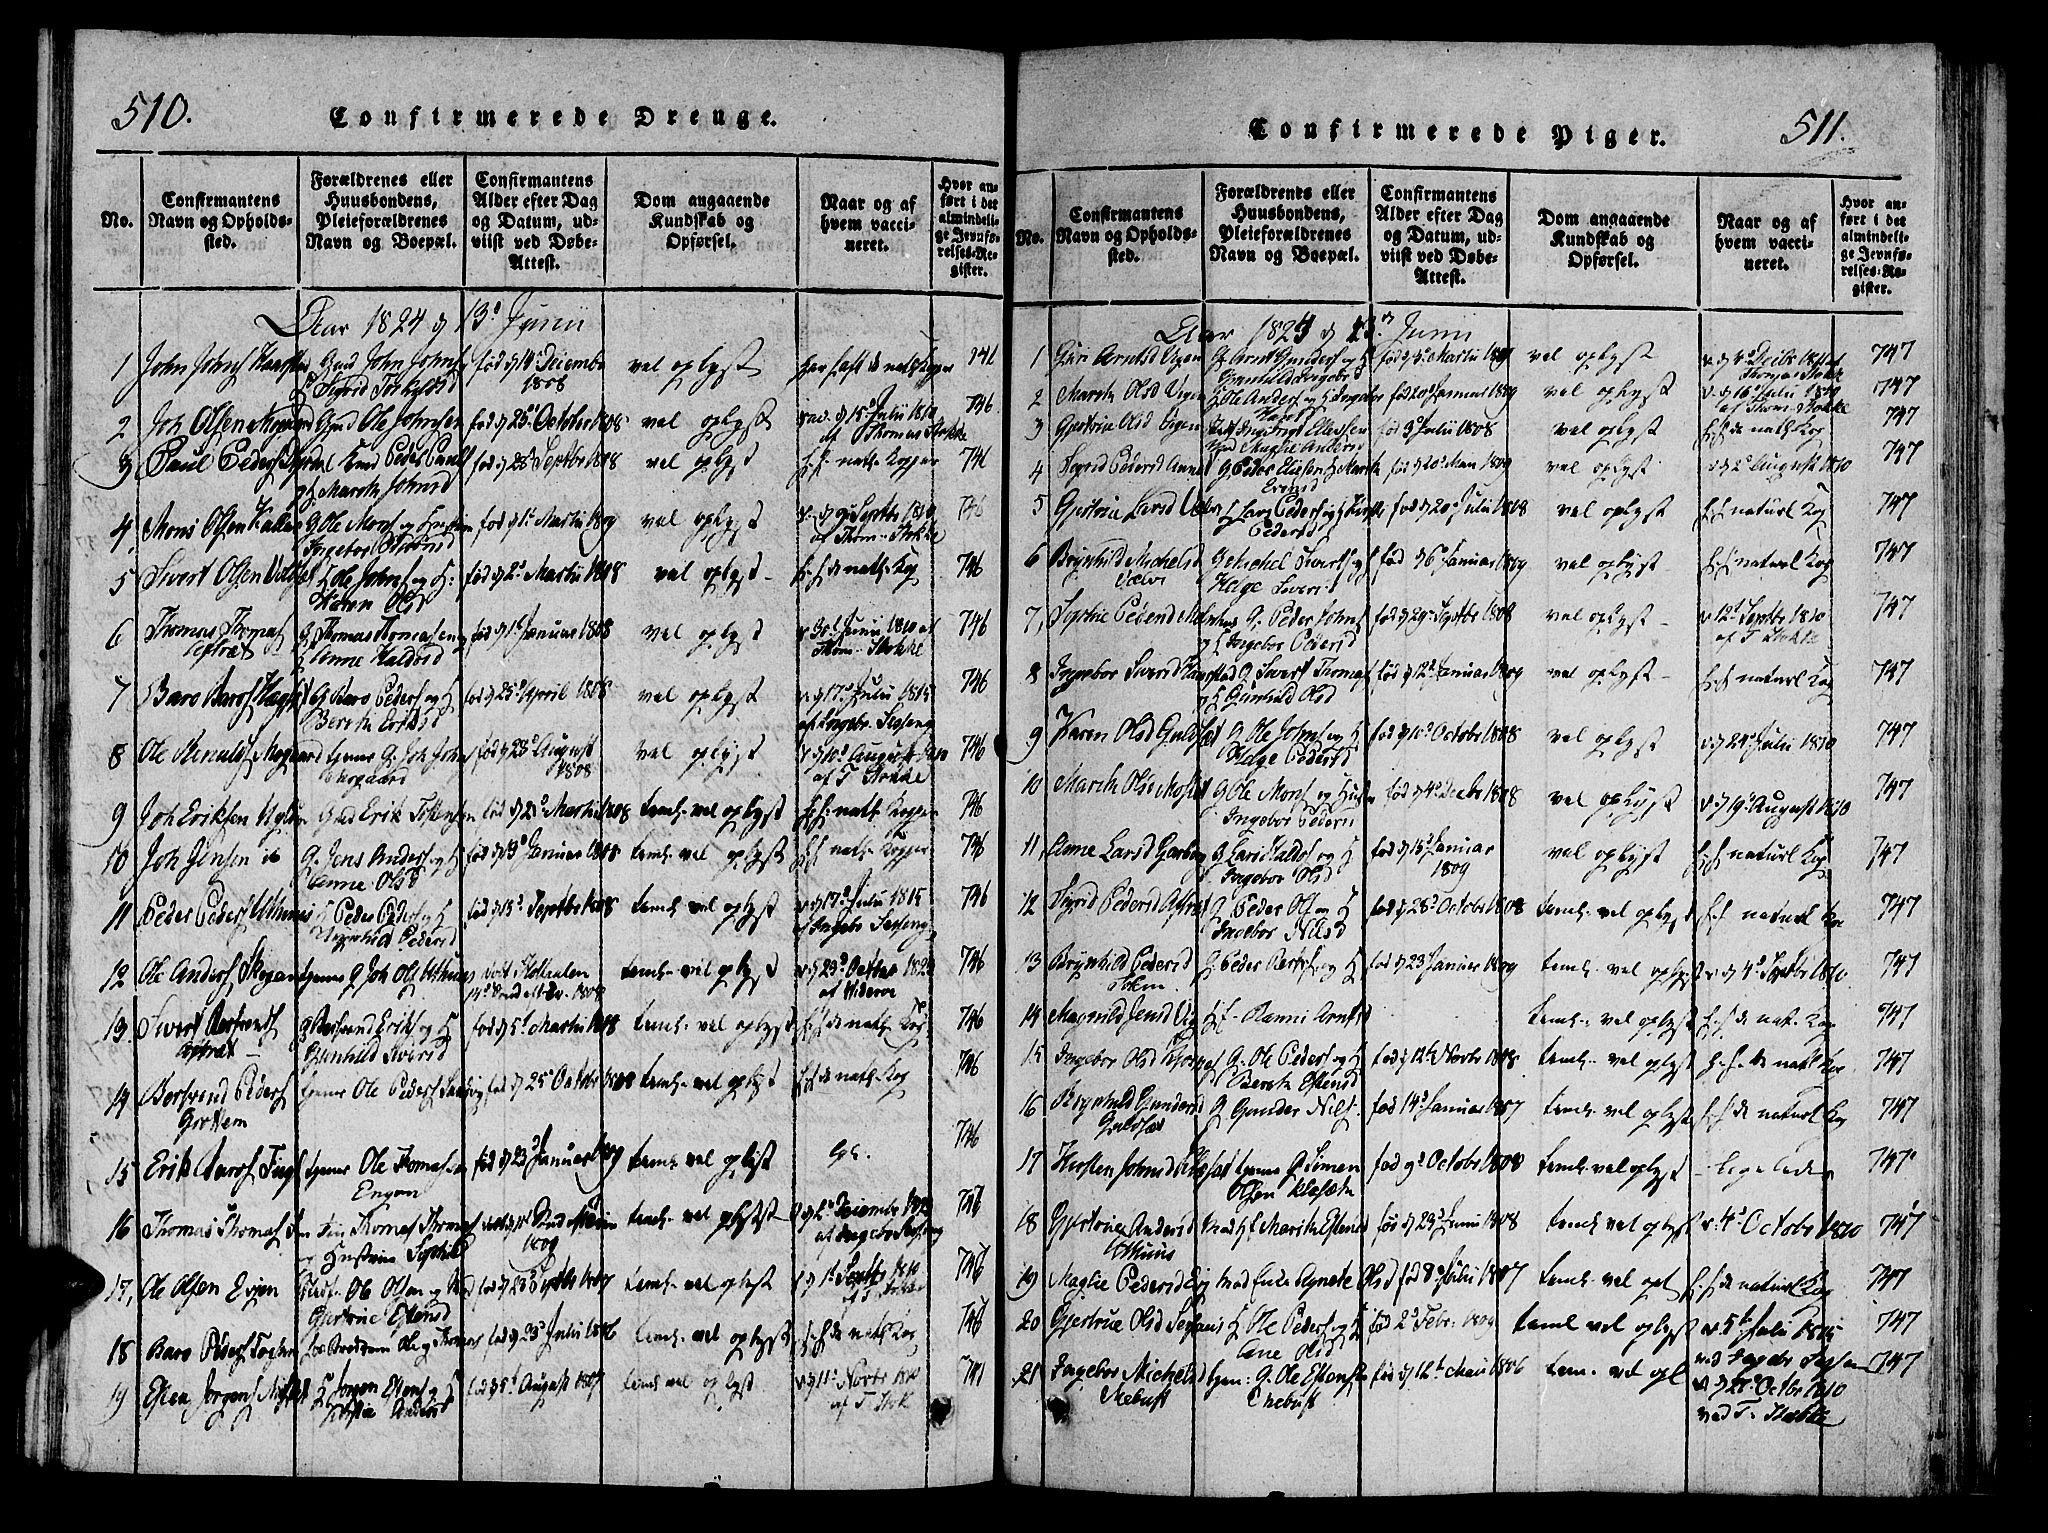 SAT, Ministerialprotokoller, klokkerbøker og fødselsregistre - Sør-Trøndelag, 695/L1141: Ministerialbok nr. 695A04 /1, 1816-1824, s. 510-511